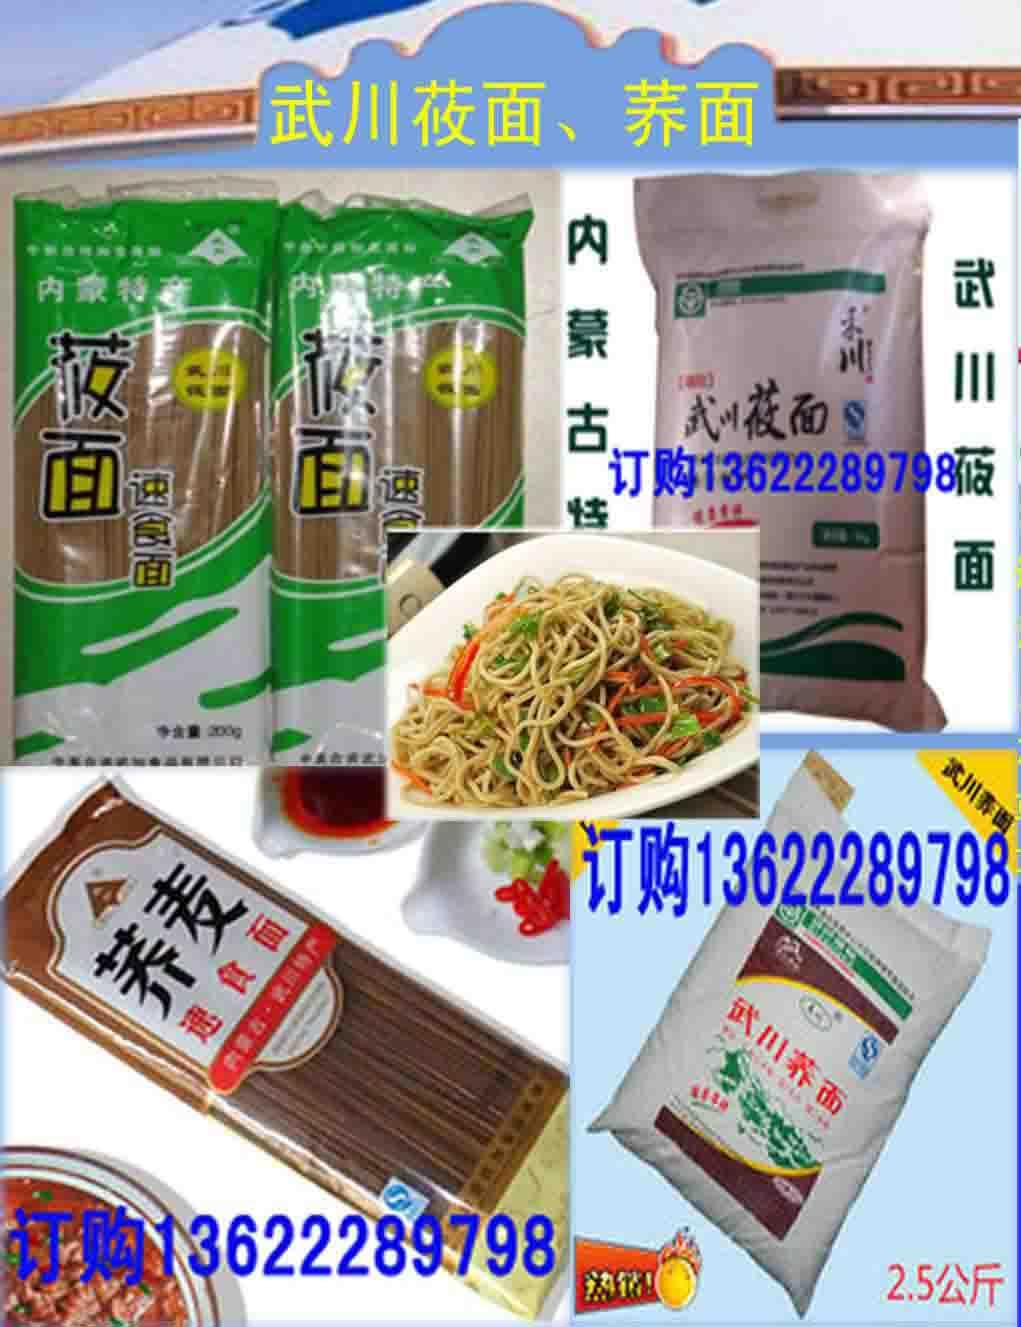 内蒙古特产莜面荞面高梁小米大米在广州深圳